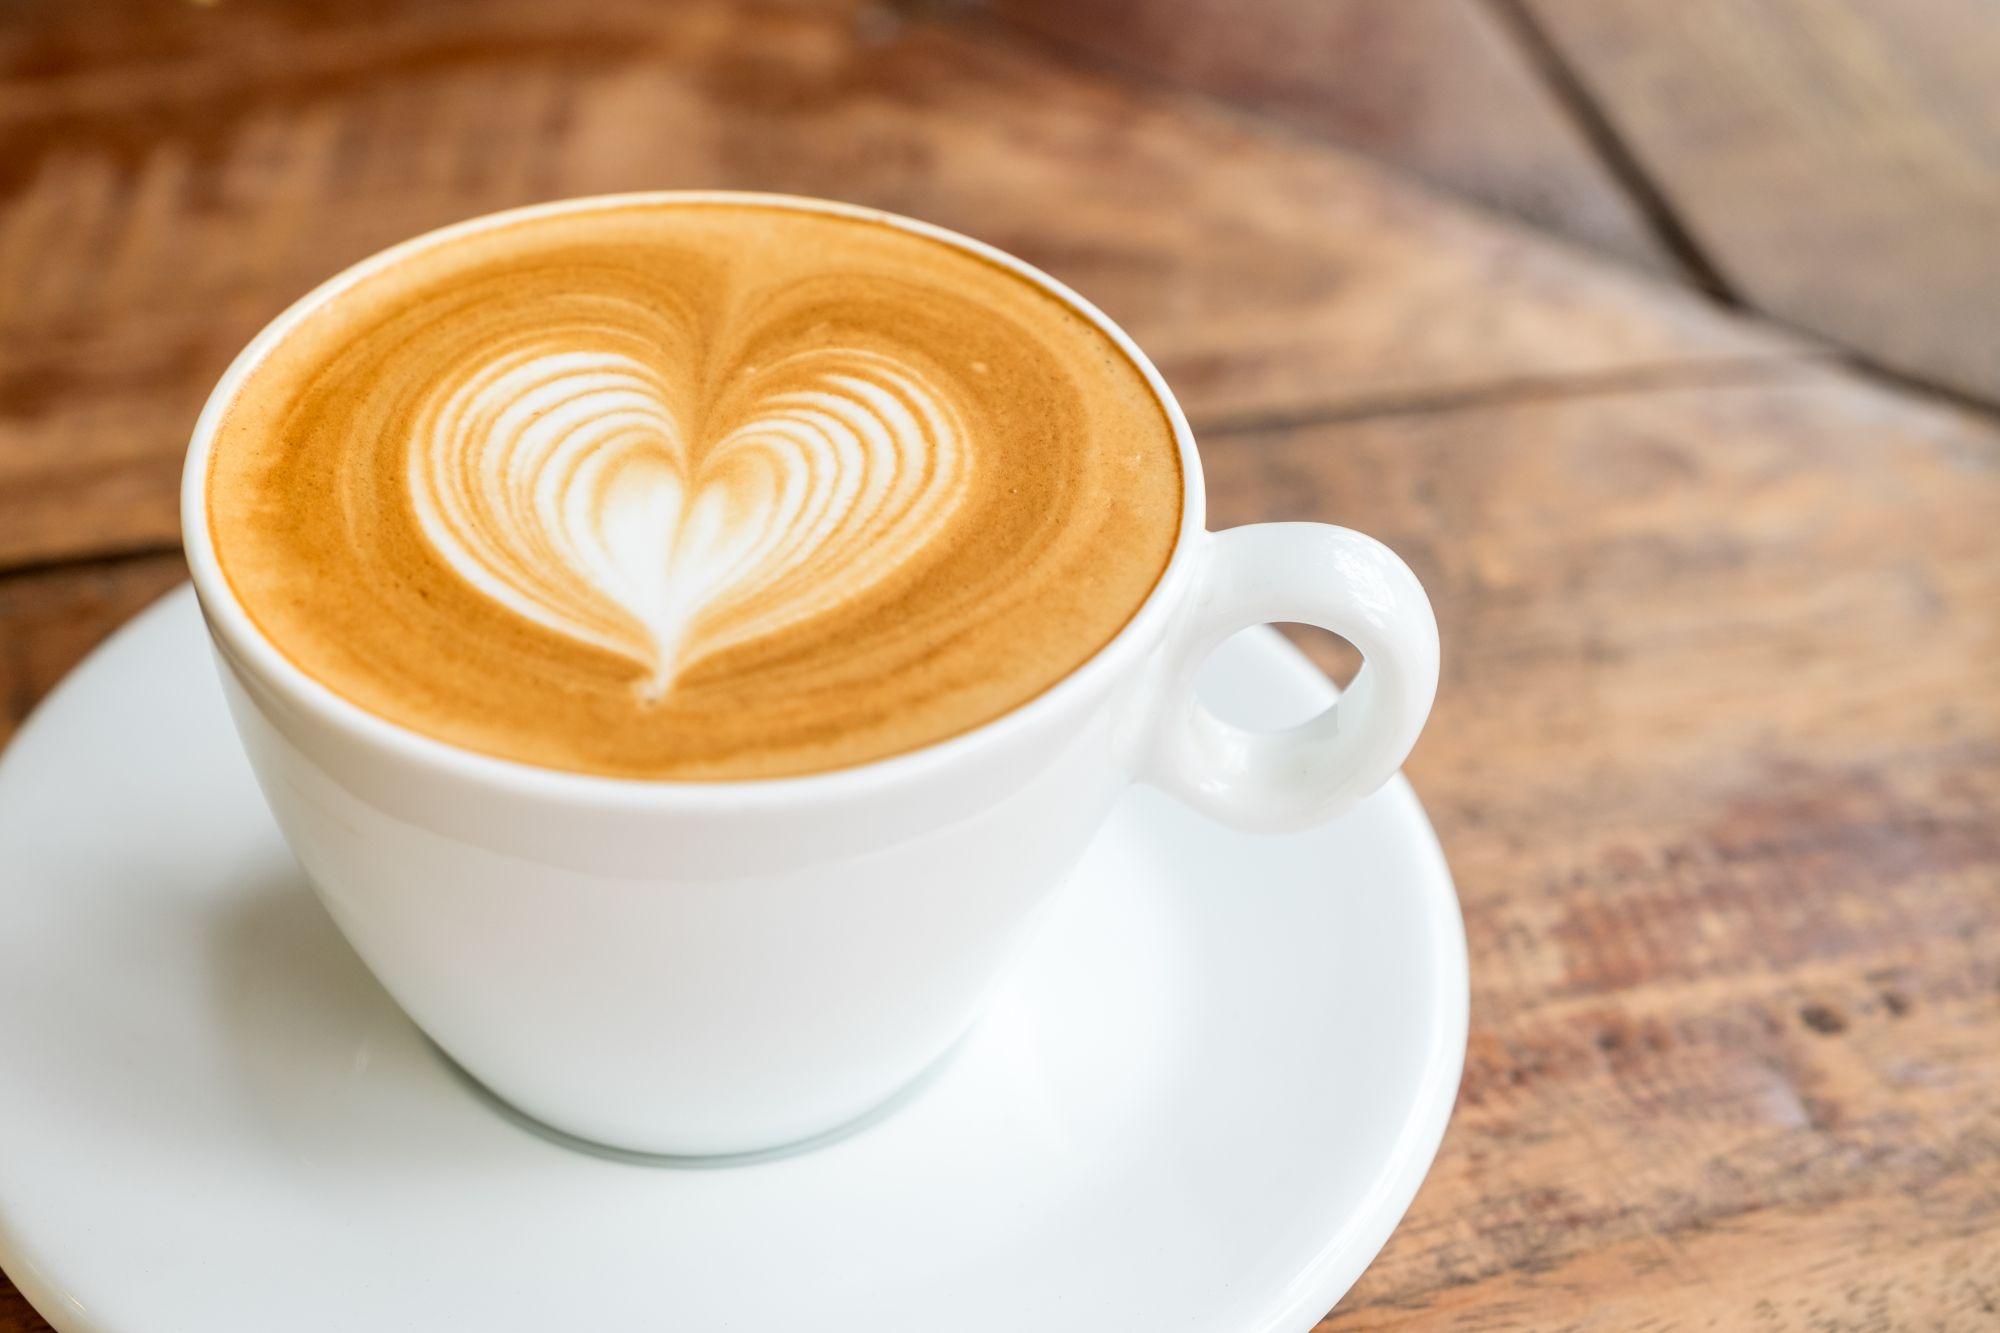 Faktencheck: Ist Kaffee gesund?